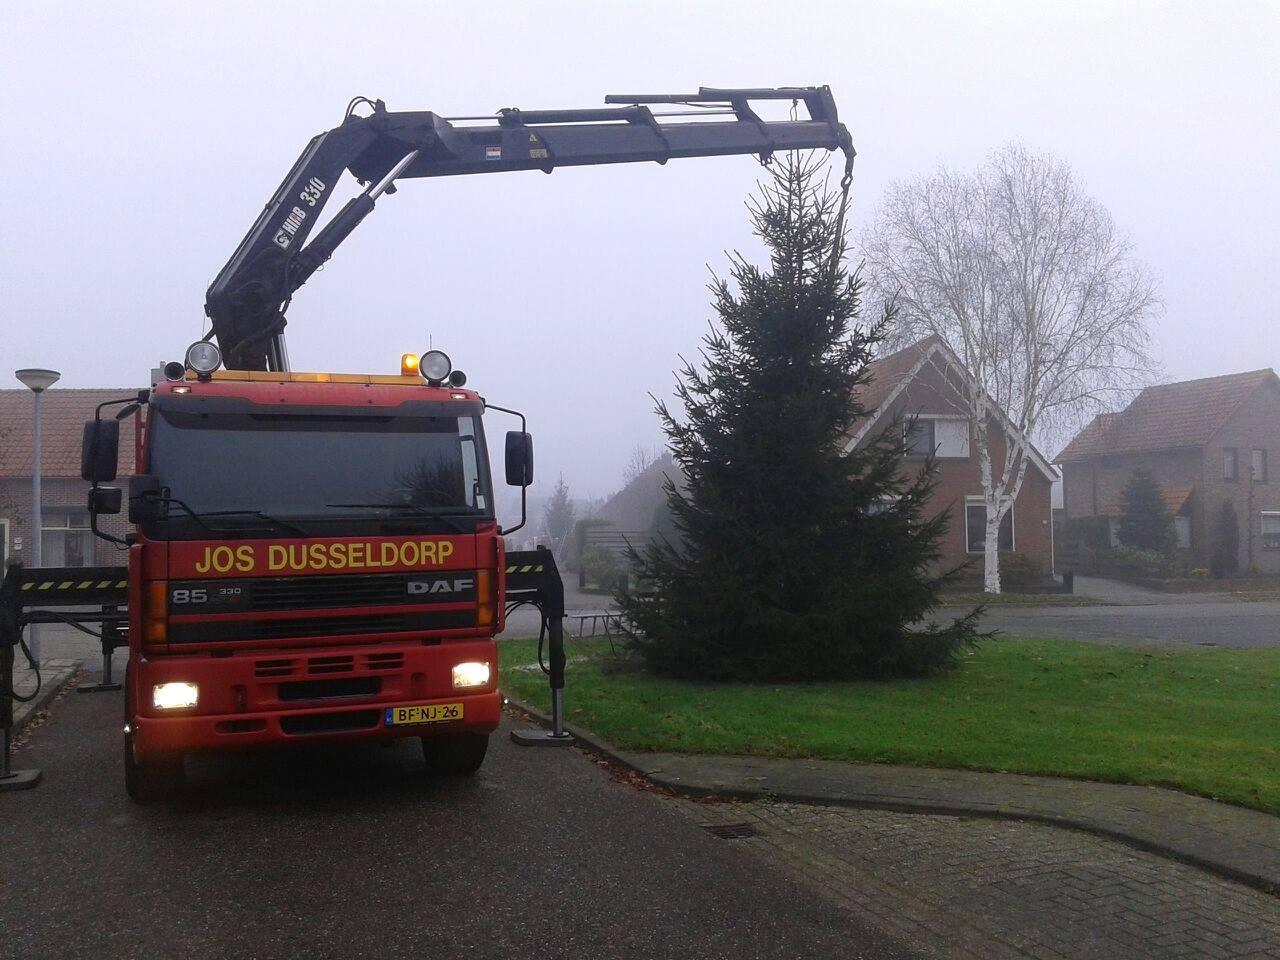 DAF-85---Jos-Dusseldorp-draagt-bij-aan-een-gezellige-kerst